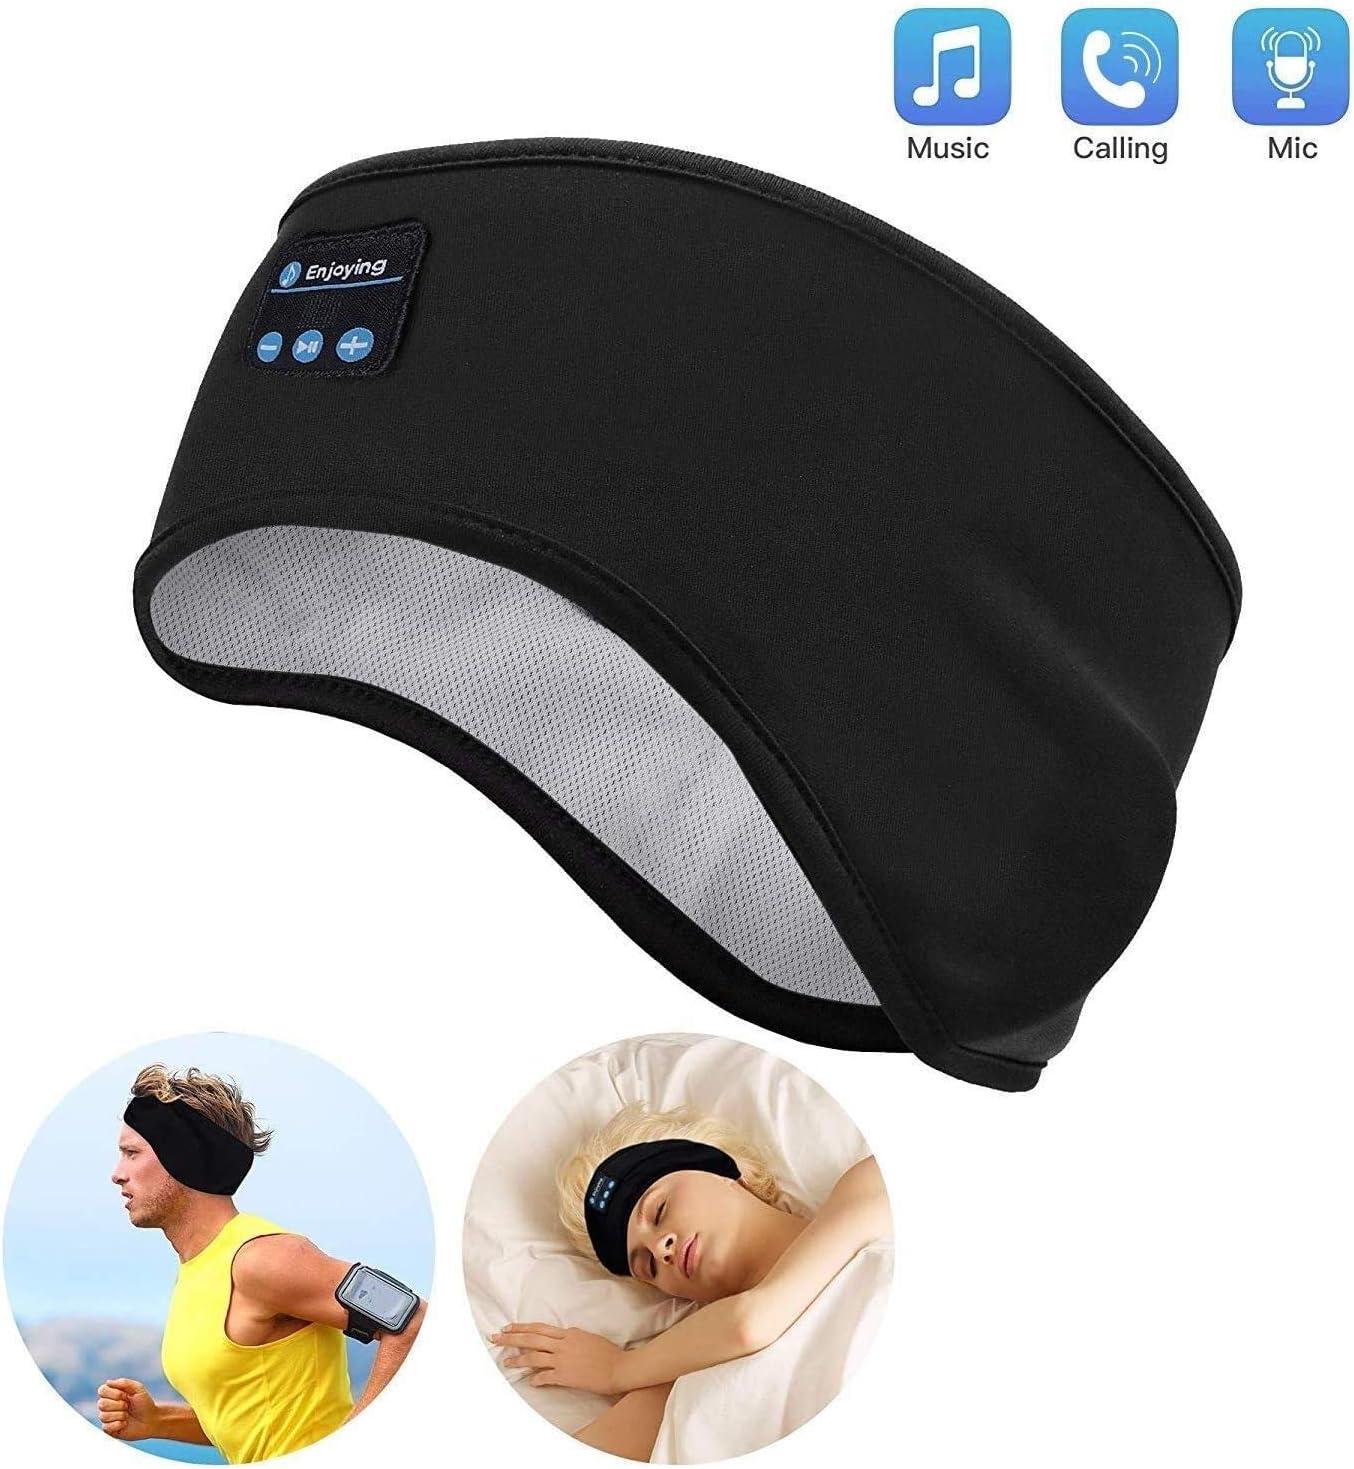 Auriculares para Dormir - Navly Bluetooth V5.0 Deportes Diadema | Deportiva Banda Auriculares con Ultrafinos HD Estéreo Altavoces,Perfectos para Deportes, Dormir de Lado, Viajes Aéreos y Relajación